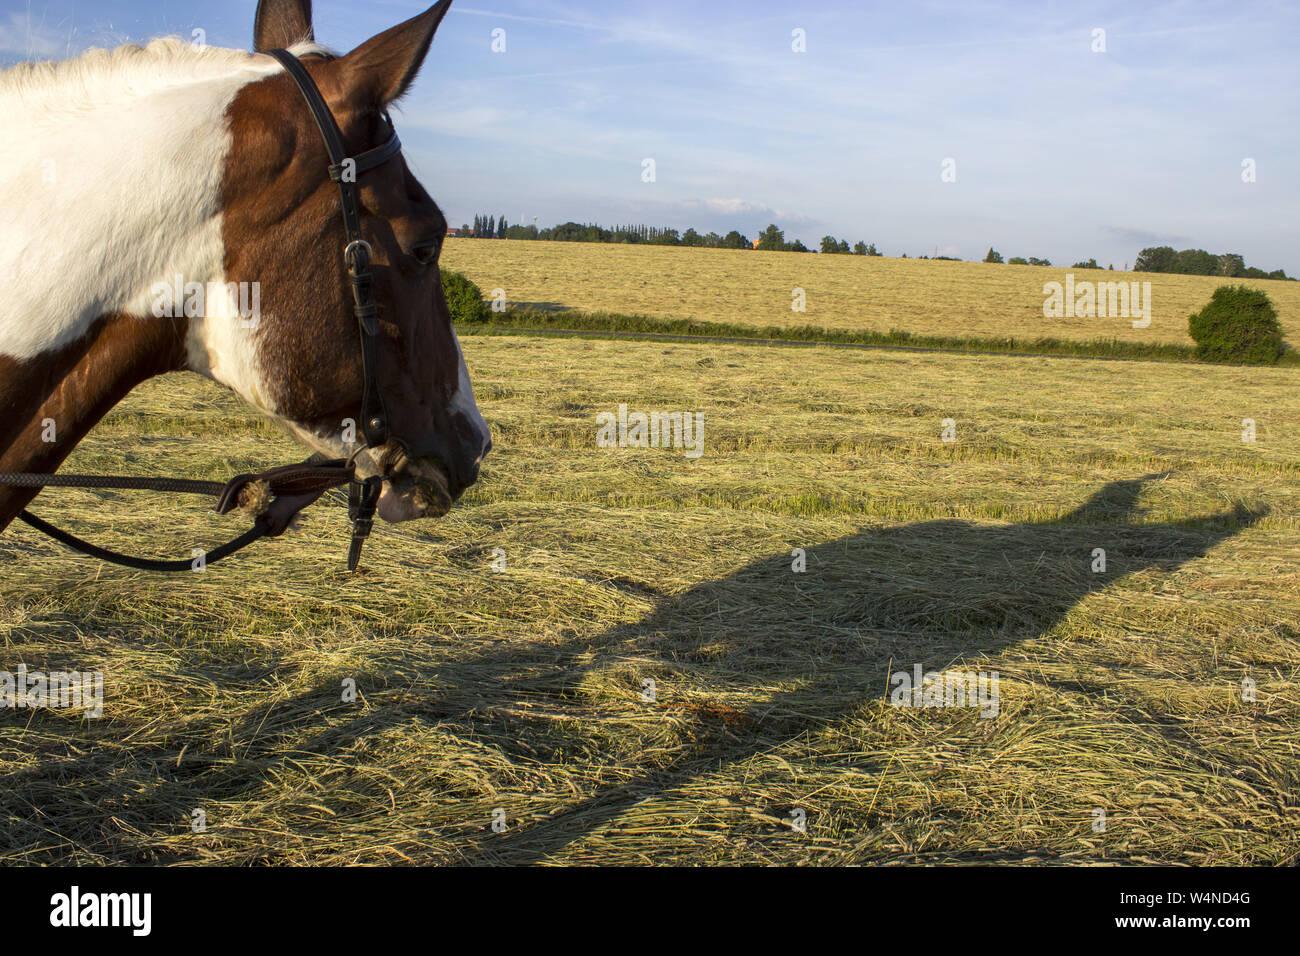 El caballo mira su sombra con el jinete. Mare y su sombra. Foto de stock